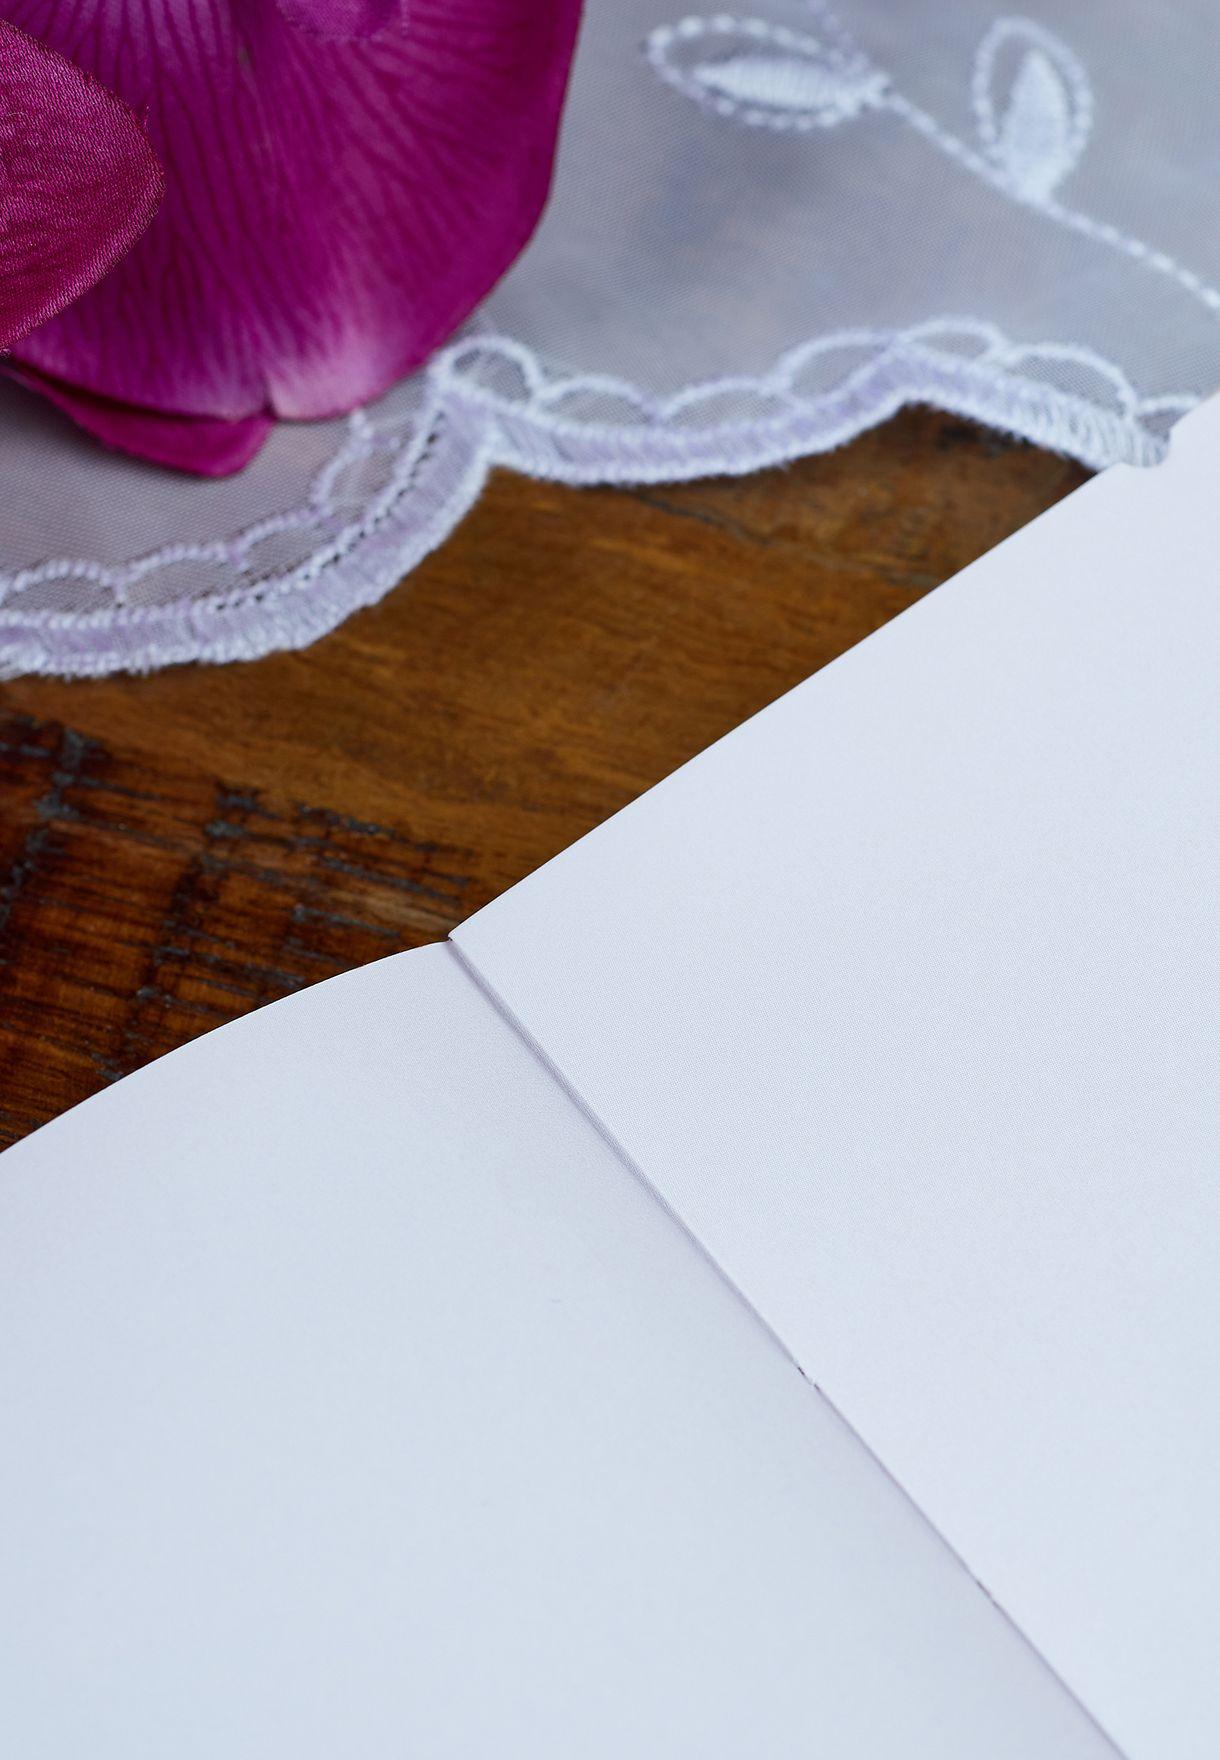 دفتر ملاحظات مع قلم A7